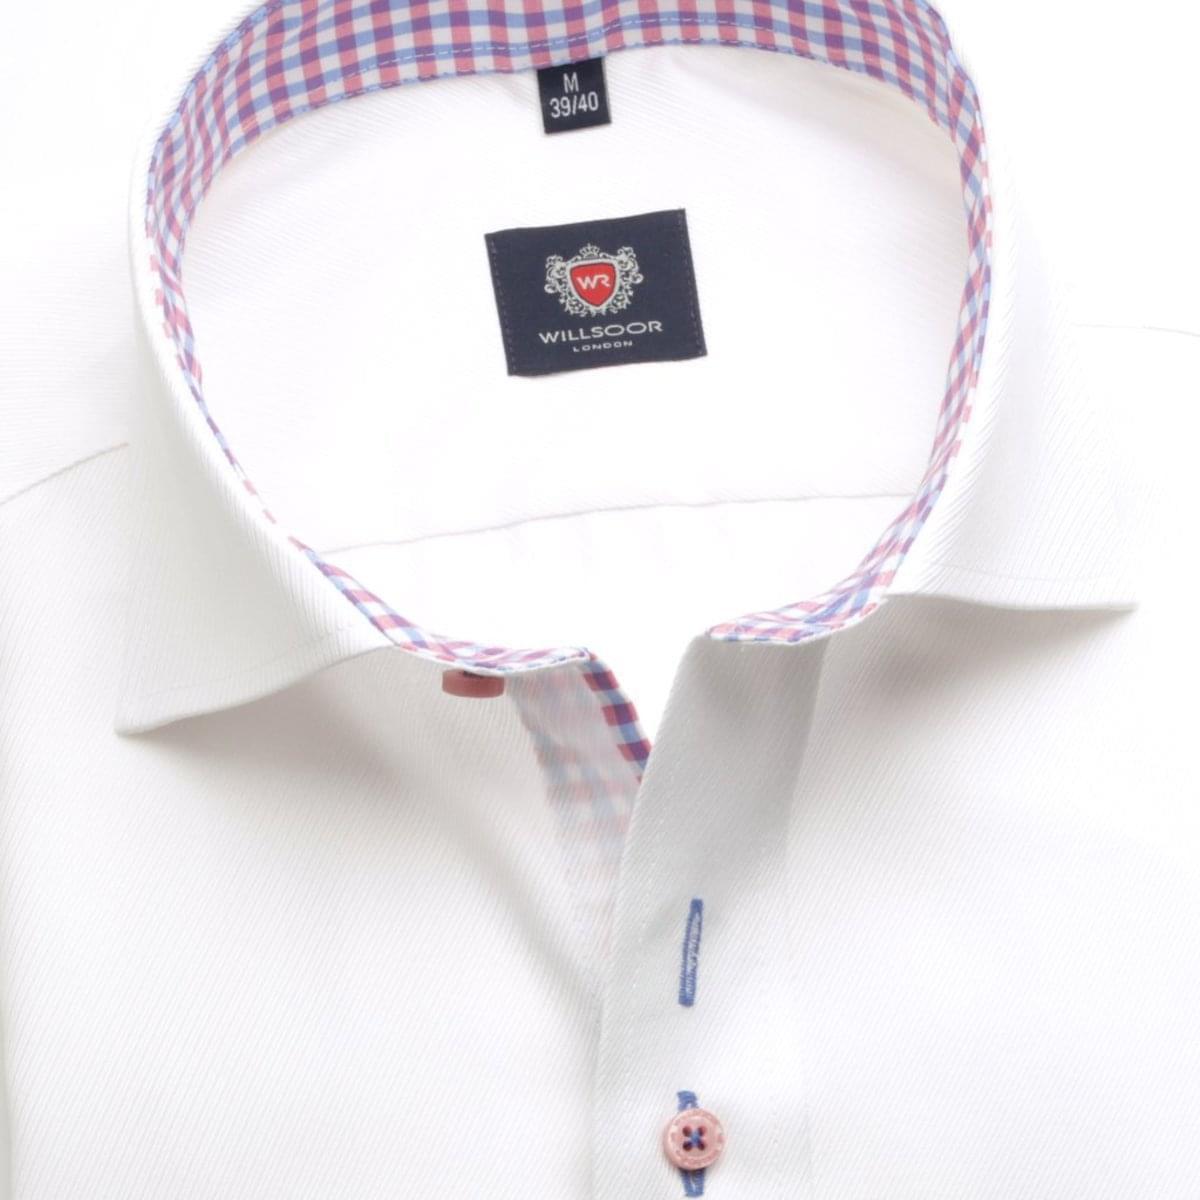 Pánská košile London v bílé barvě (výška 176-182) 5444 176-182 / XL (43/44)